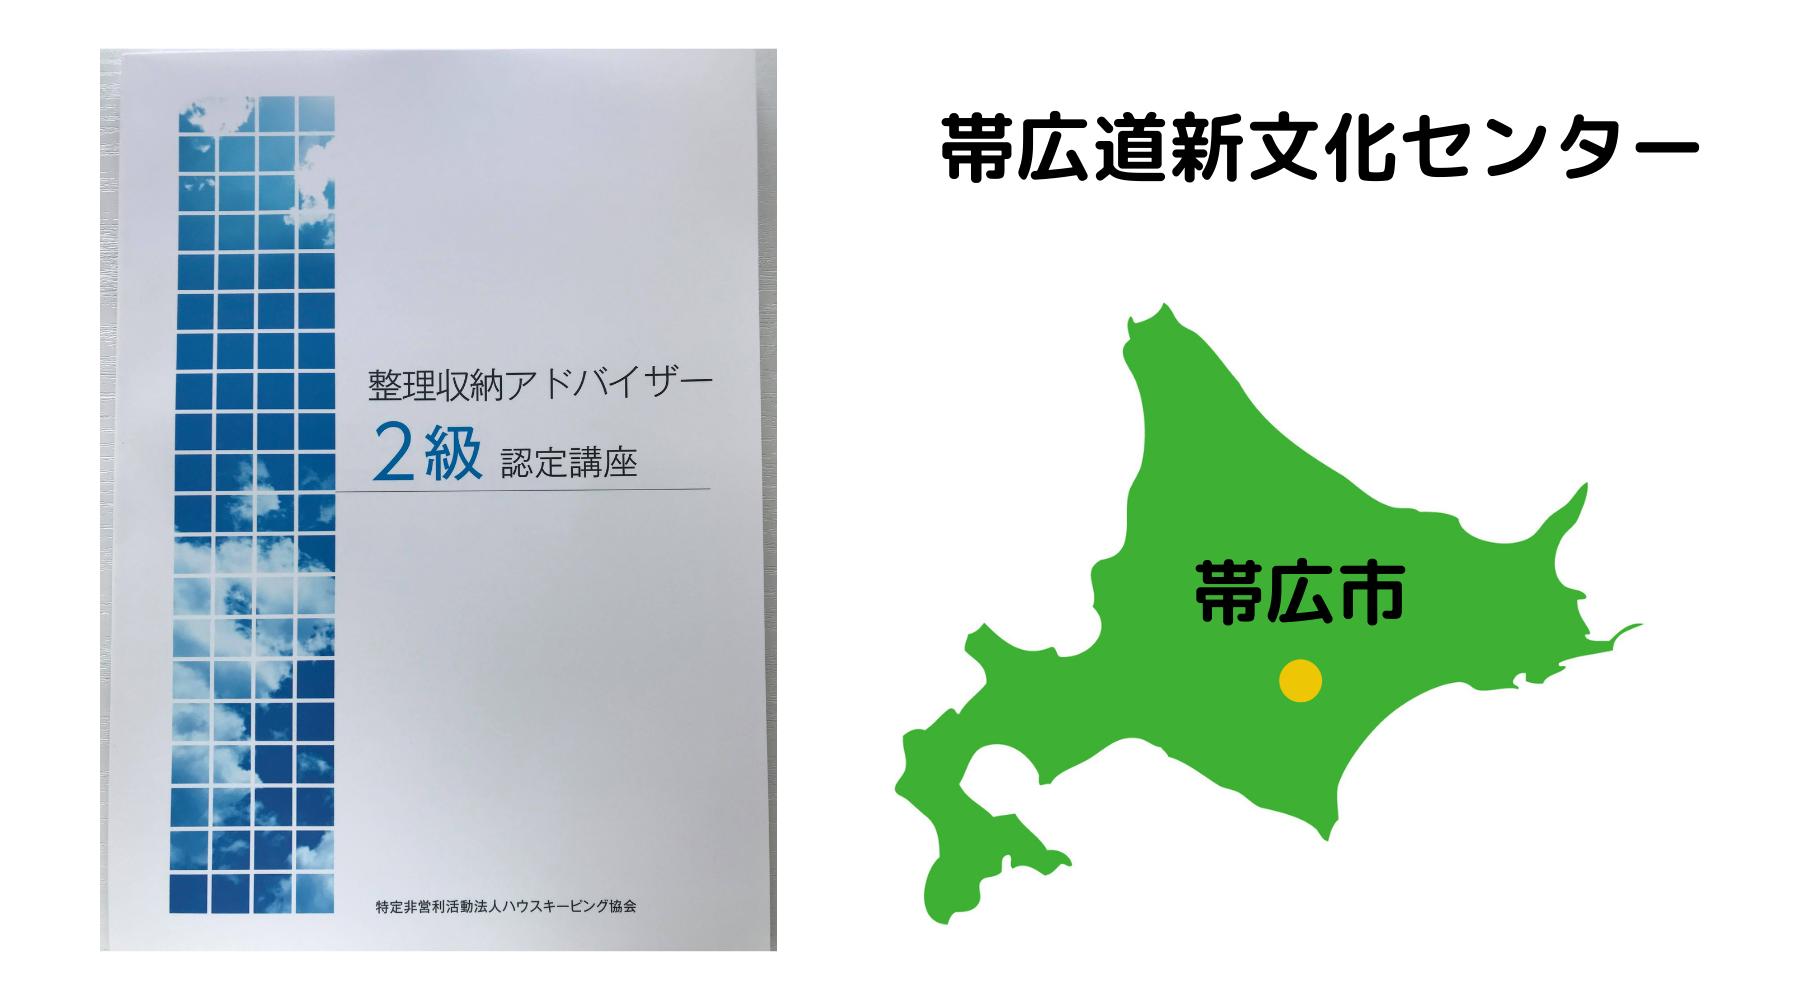 【講座会場案内】帯広道新文化センター